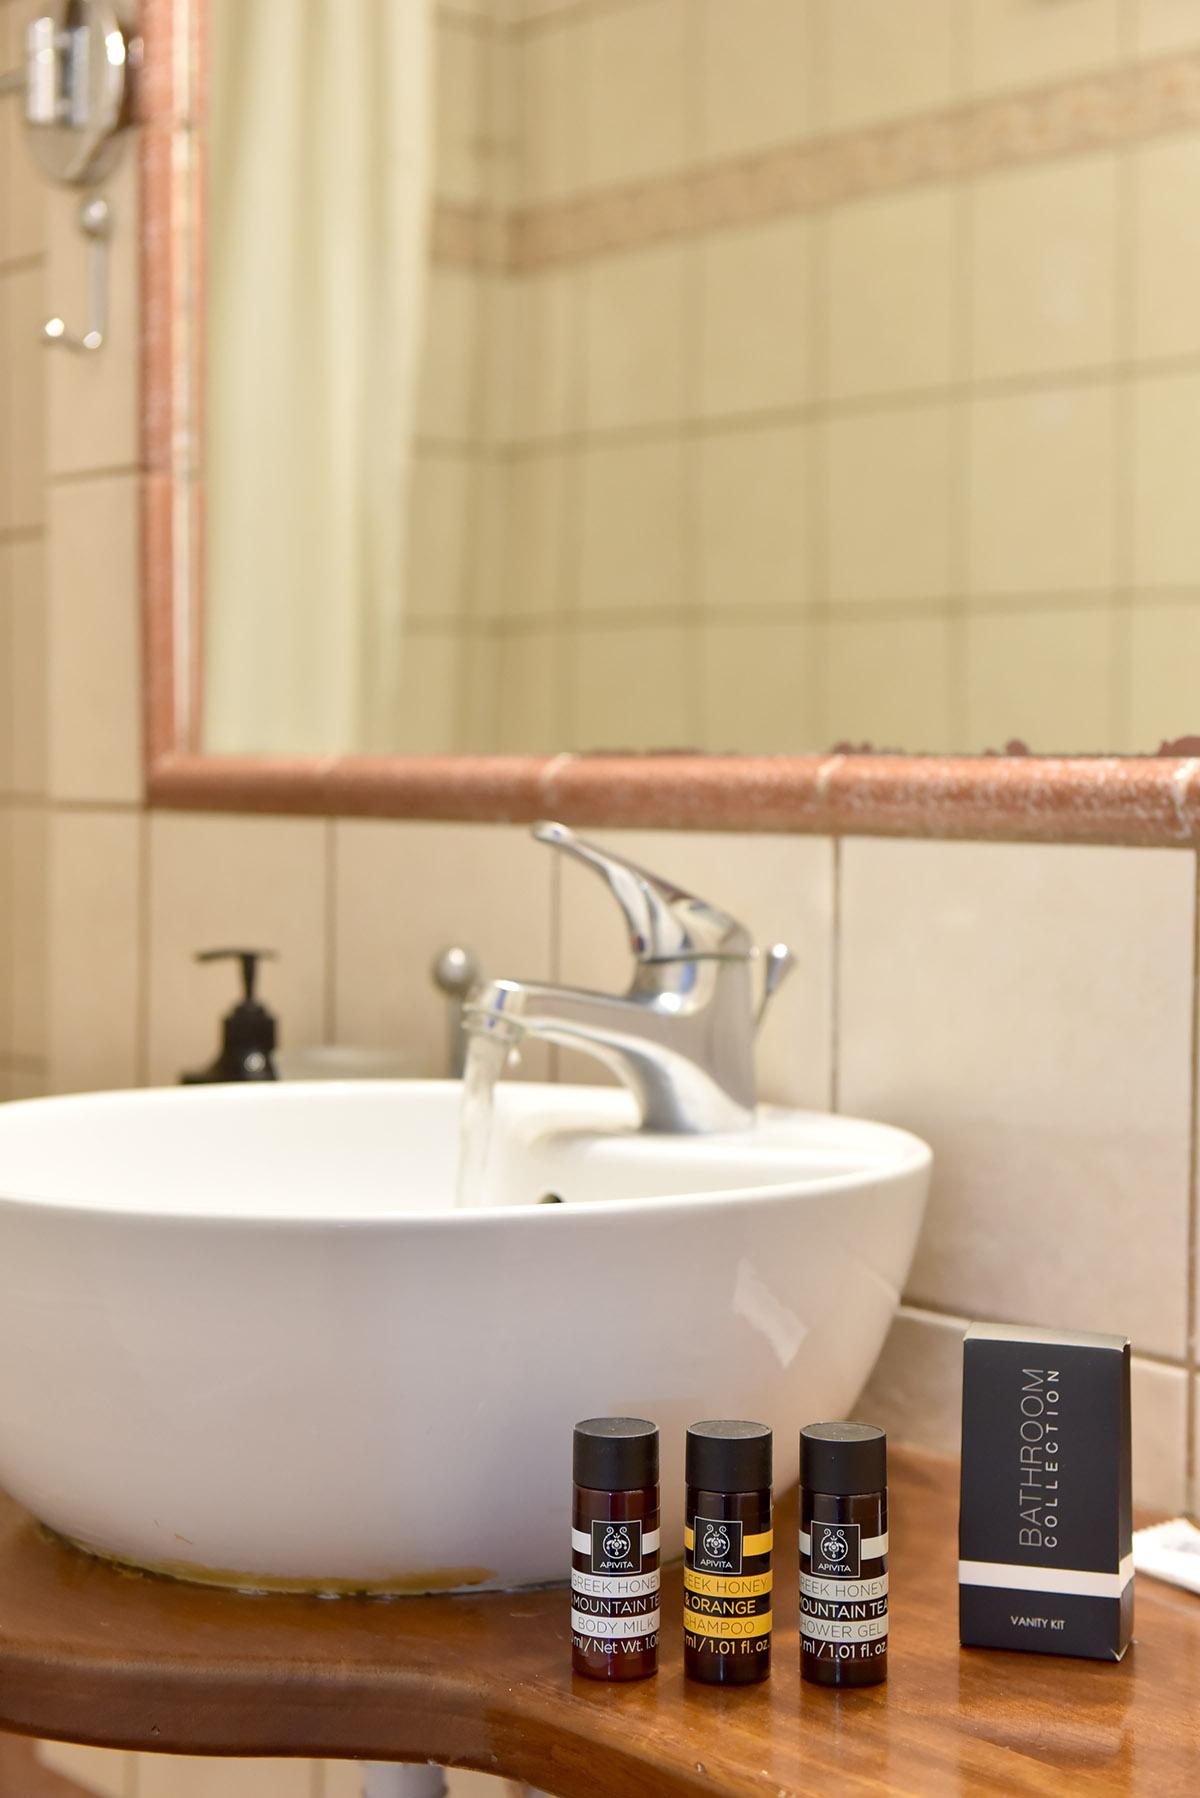 διαμονή στην ύδρα | Piteoussa Rooms & Co